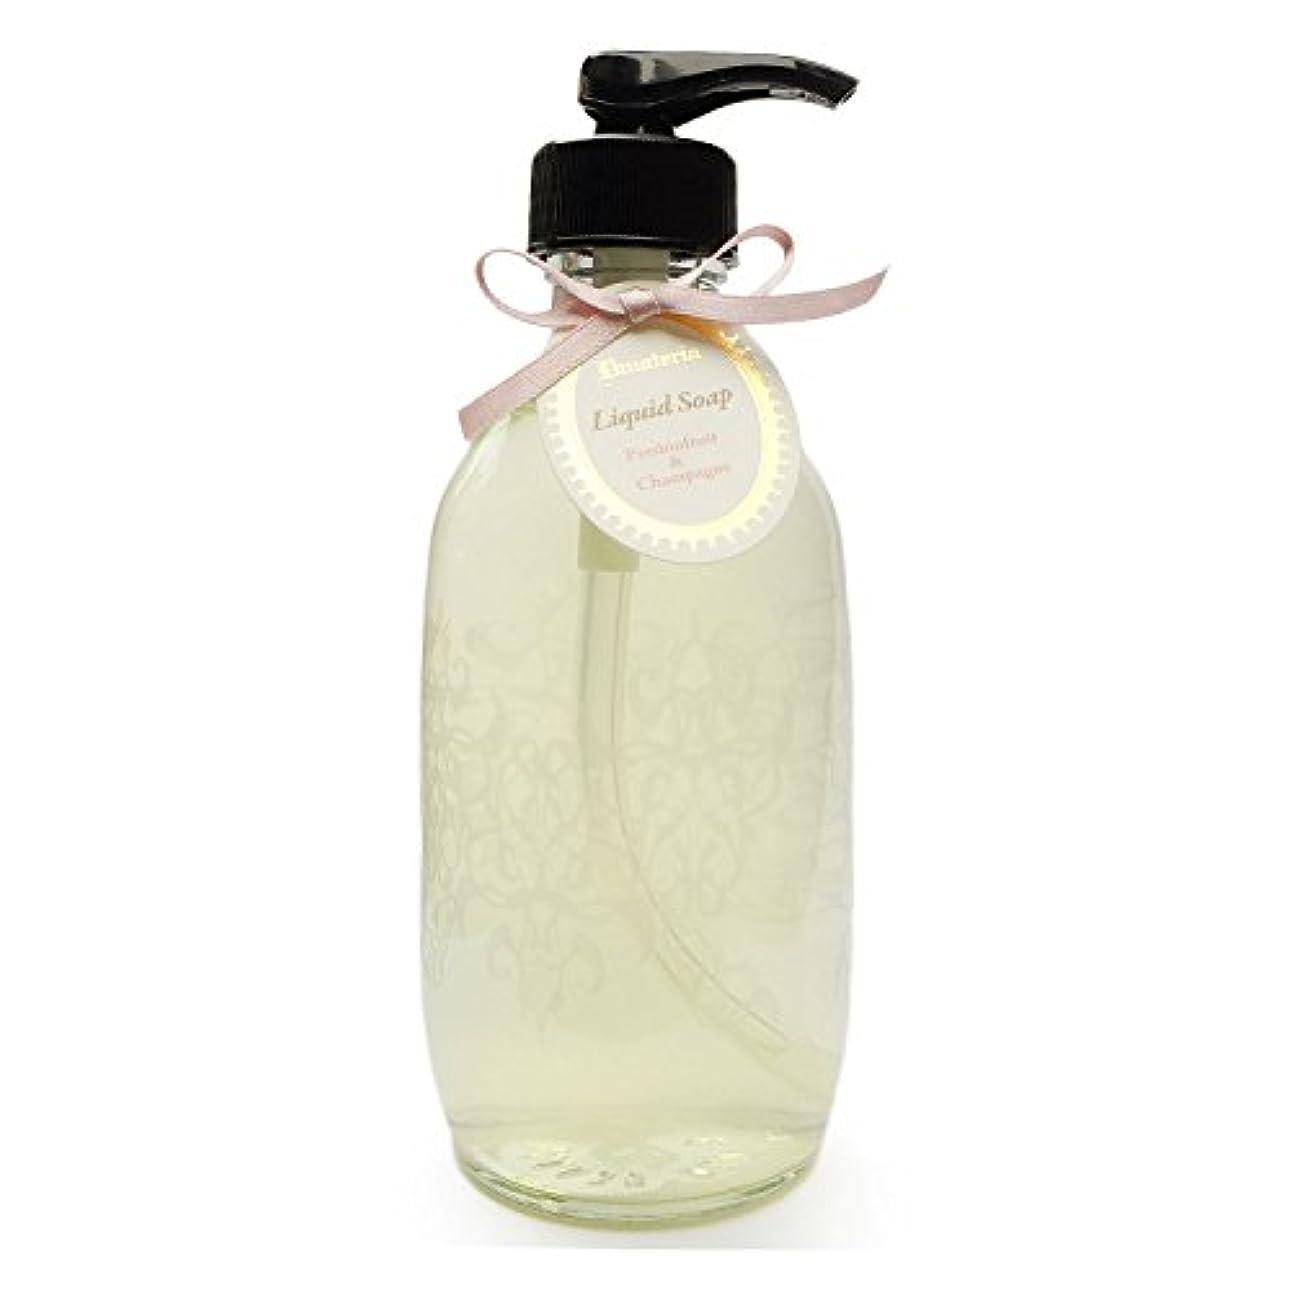 予測オーナメントキャッチD materia リキッドソープ パッションフルーツ&シャンパン Passionfruit&Champagne Liquid Soap ディーマテリア